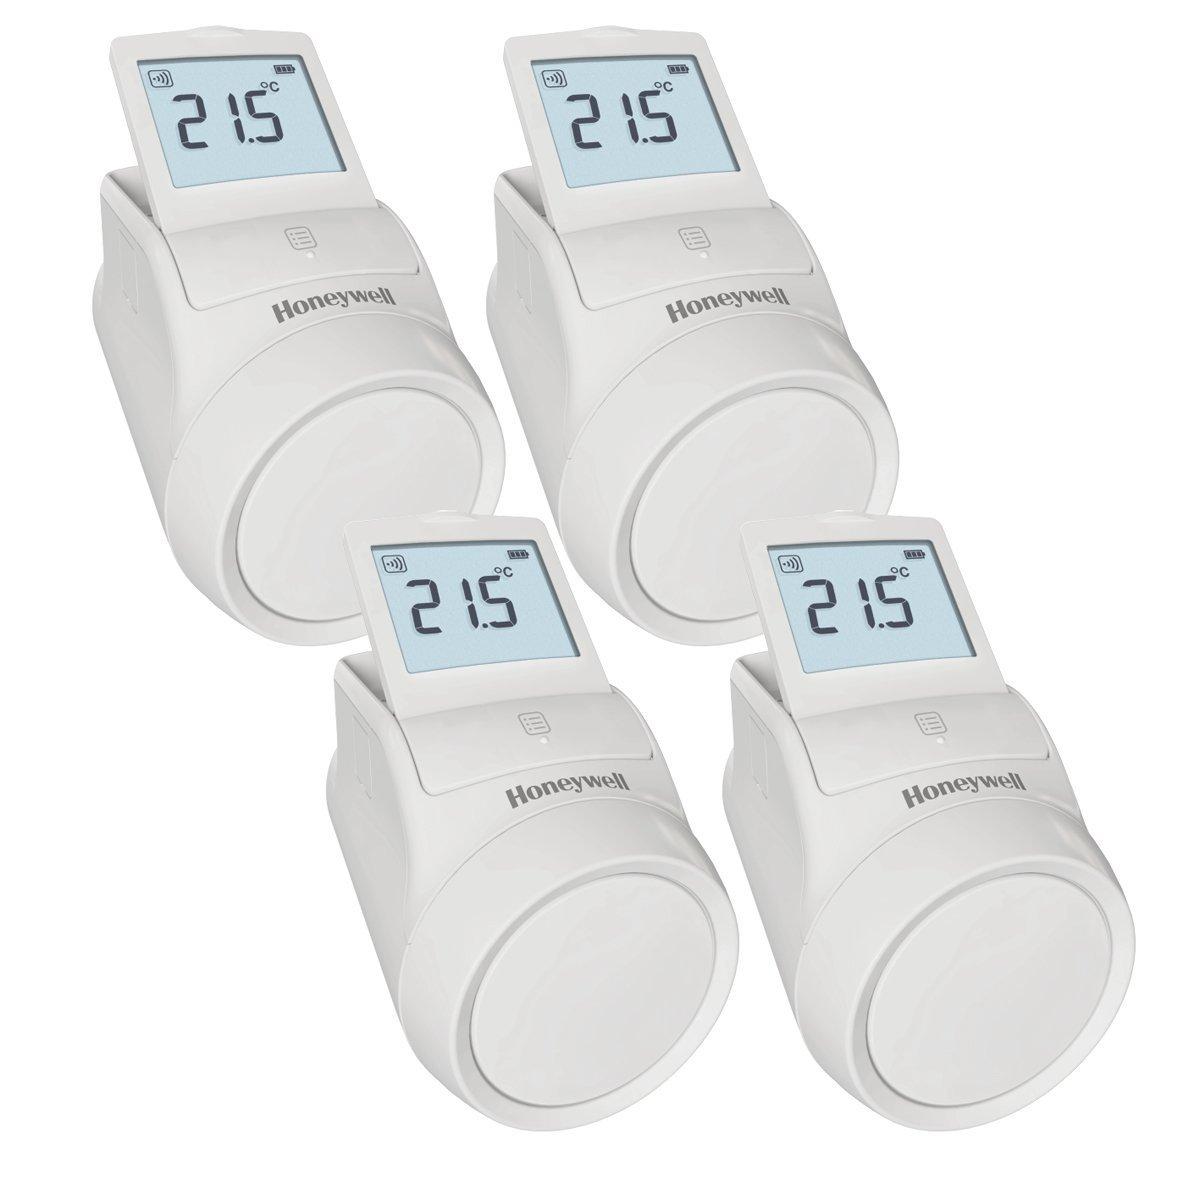 HONEYWELL; Termostato grifo de radiador wifi kid 4 unidades ...